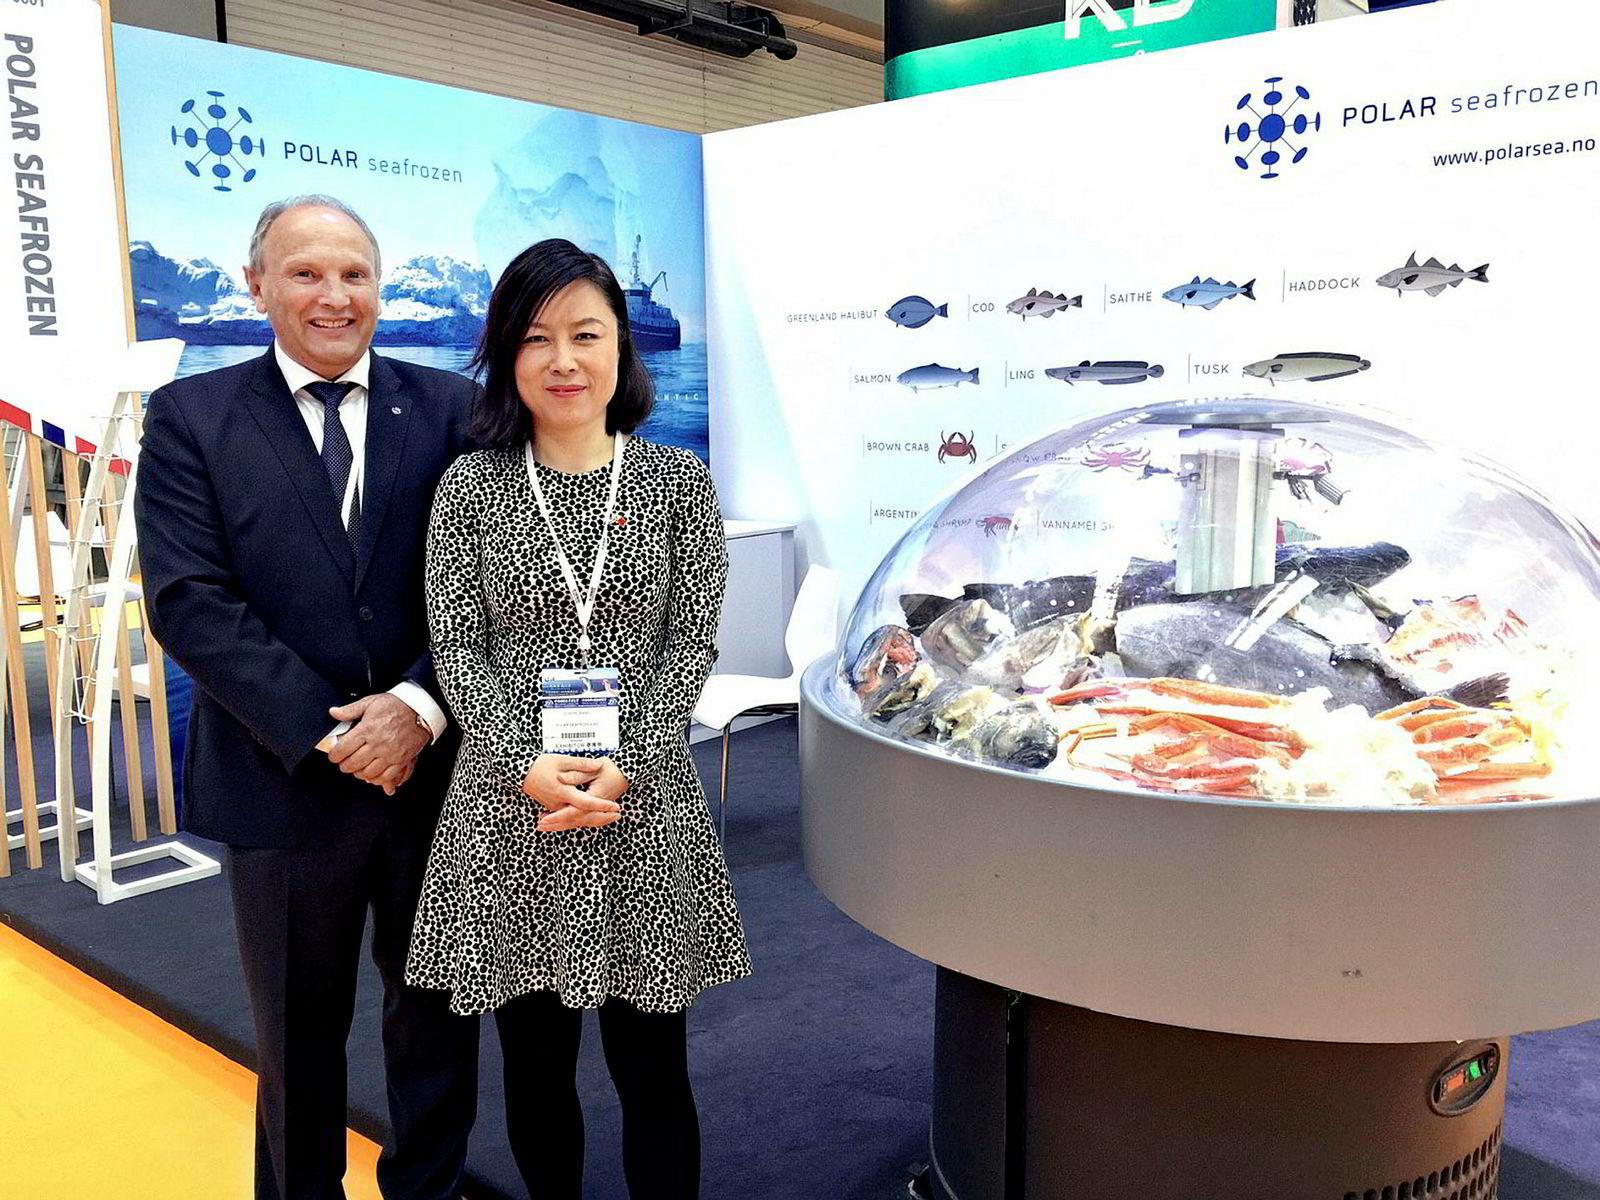 I November var Bjørn Otterlei og Chun Ling Wang fra Polar Seafrozen til stede på en sjømat- og fiskerikonferanse Qingdao, Kina